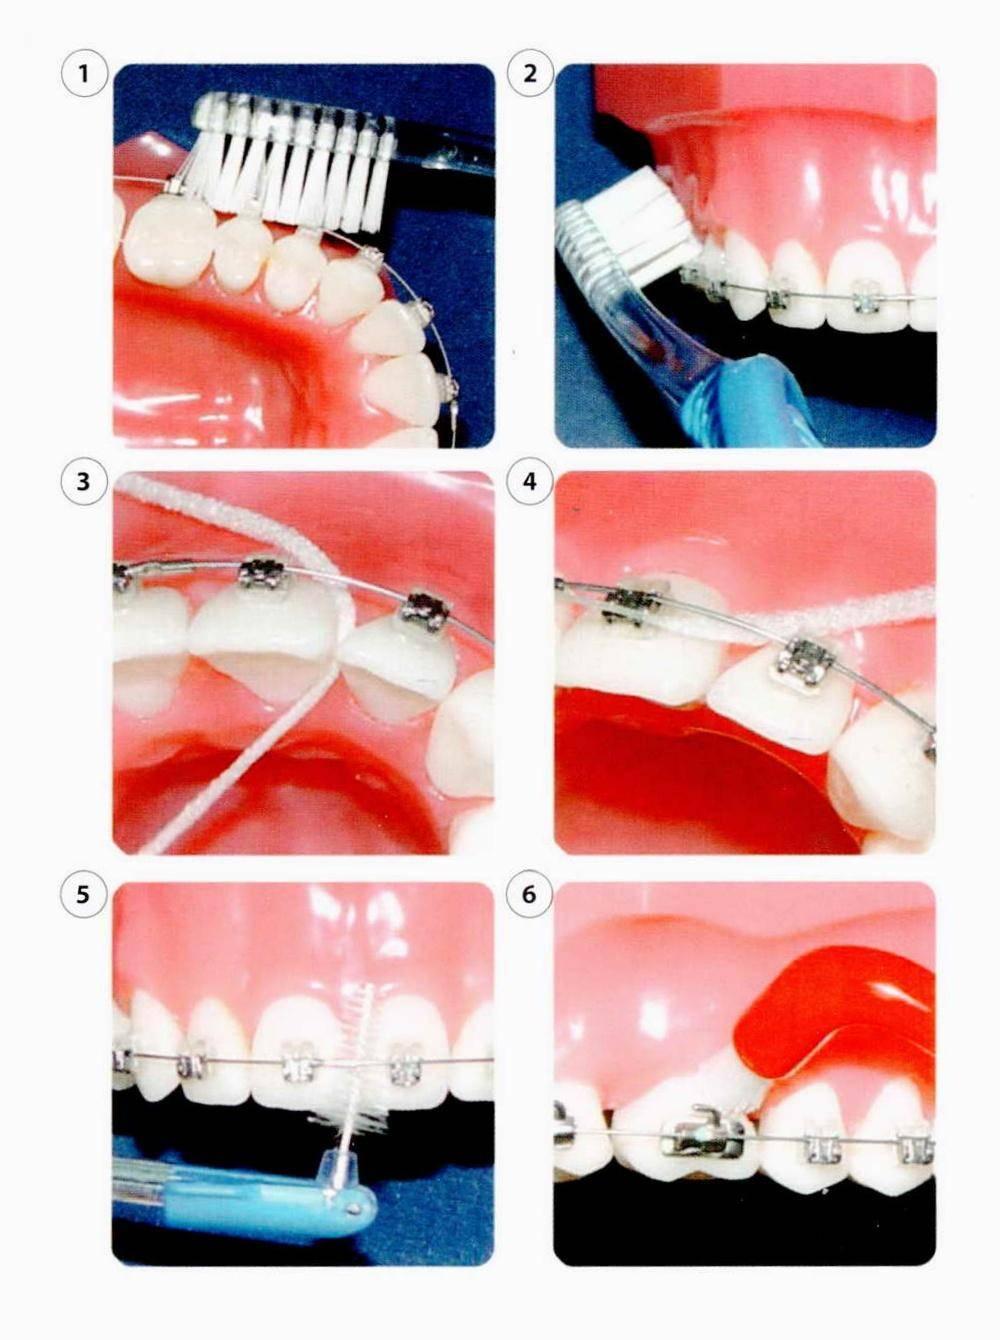 Как снимают брекеты с зубов: описание процедуры. сколько носить брекеты и что делать после снятия